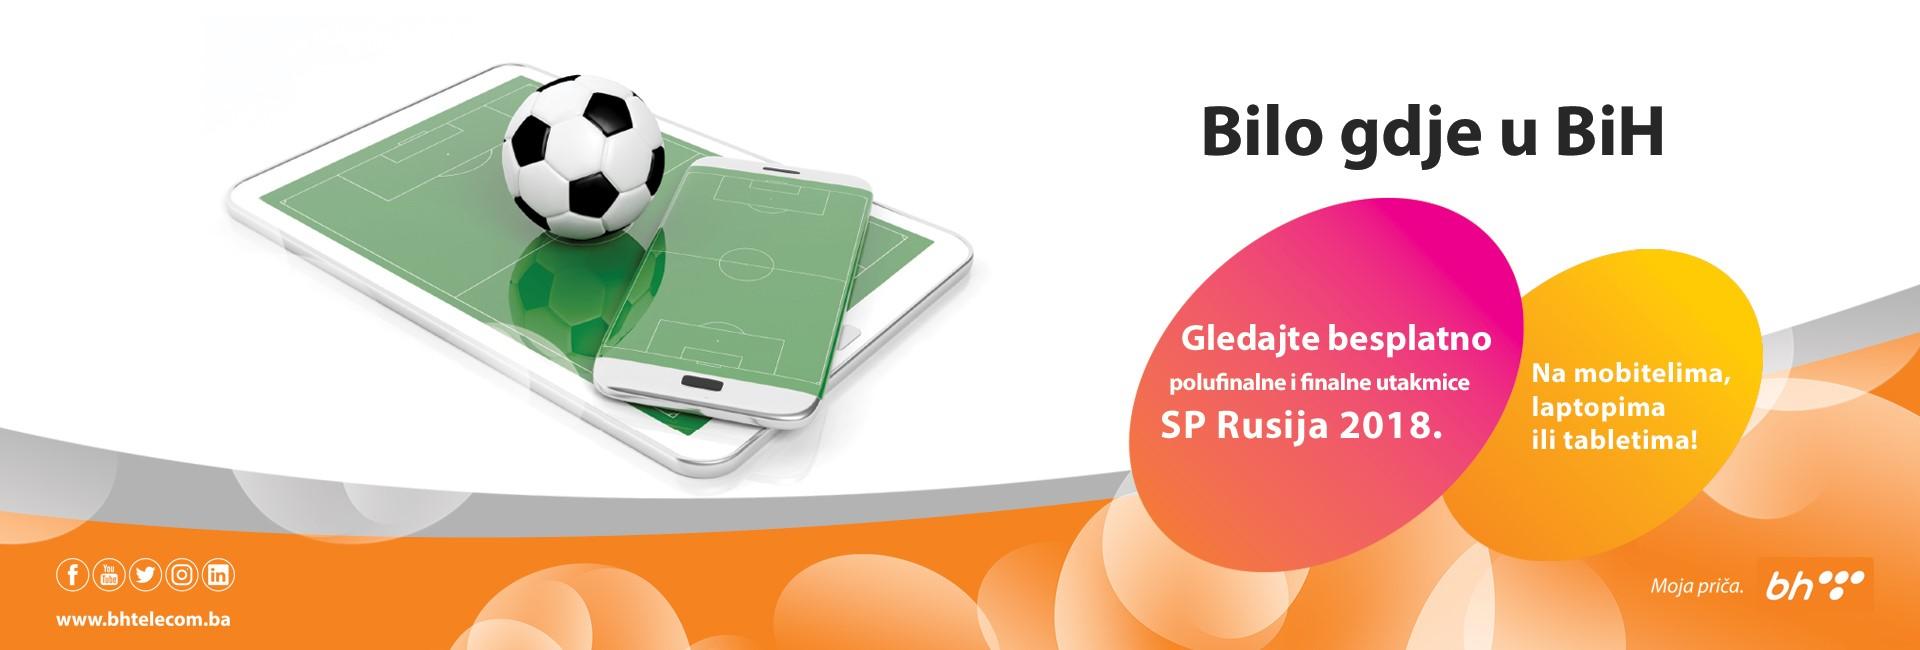 Besplatno gledajte preostale utakmice SP u Rusiji na mobitelima ili tabletima